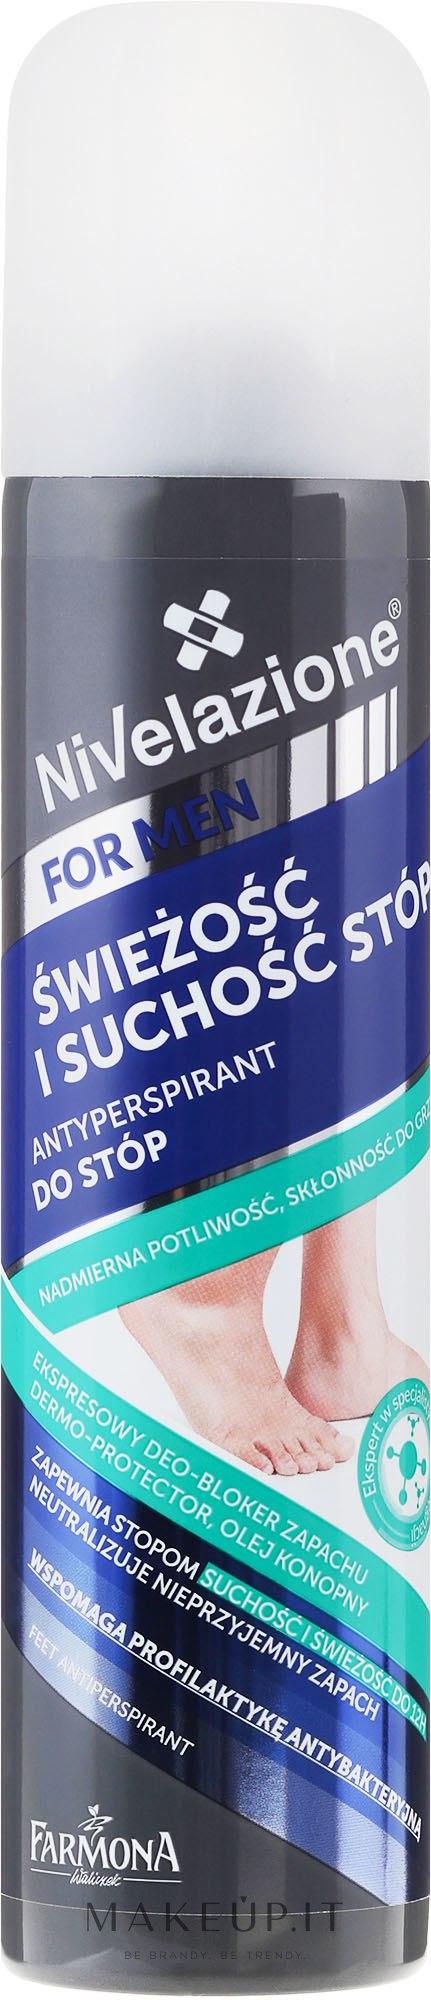 Deodorante piedi - Farmona Nivelazione For Men Feet Antiperspirant — foto 180 ml